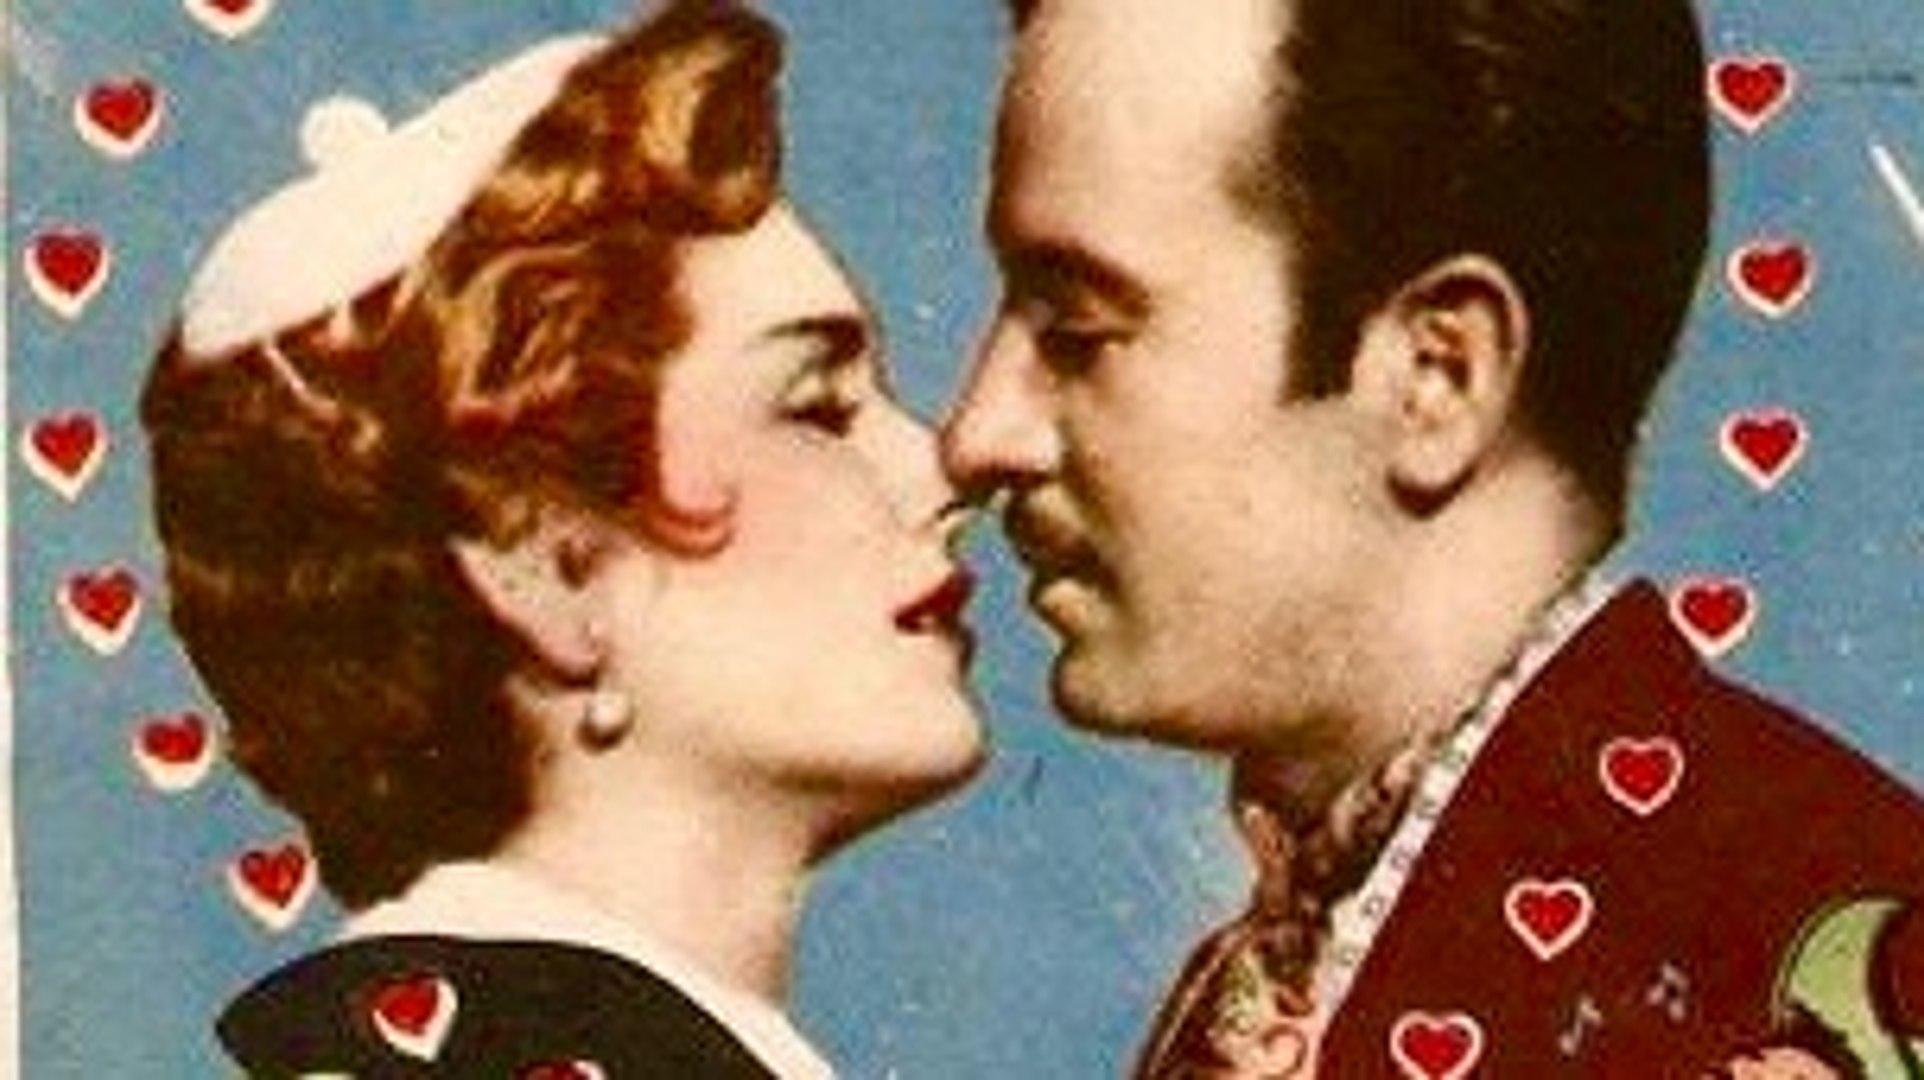 El Mil Amores 1954 Peliculas Completas Pedro Infante Rosita Quintana Joaquin Pardave